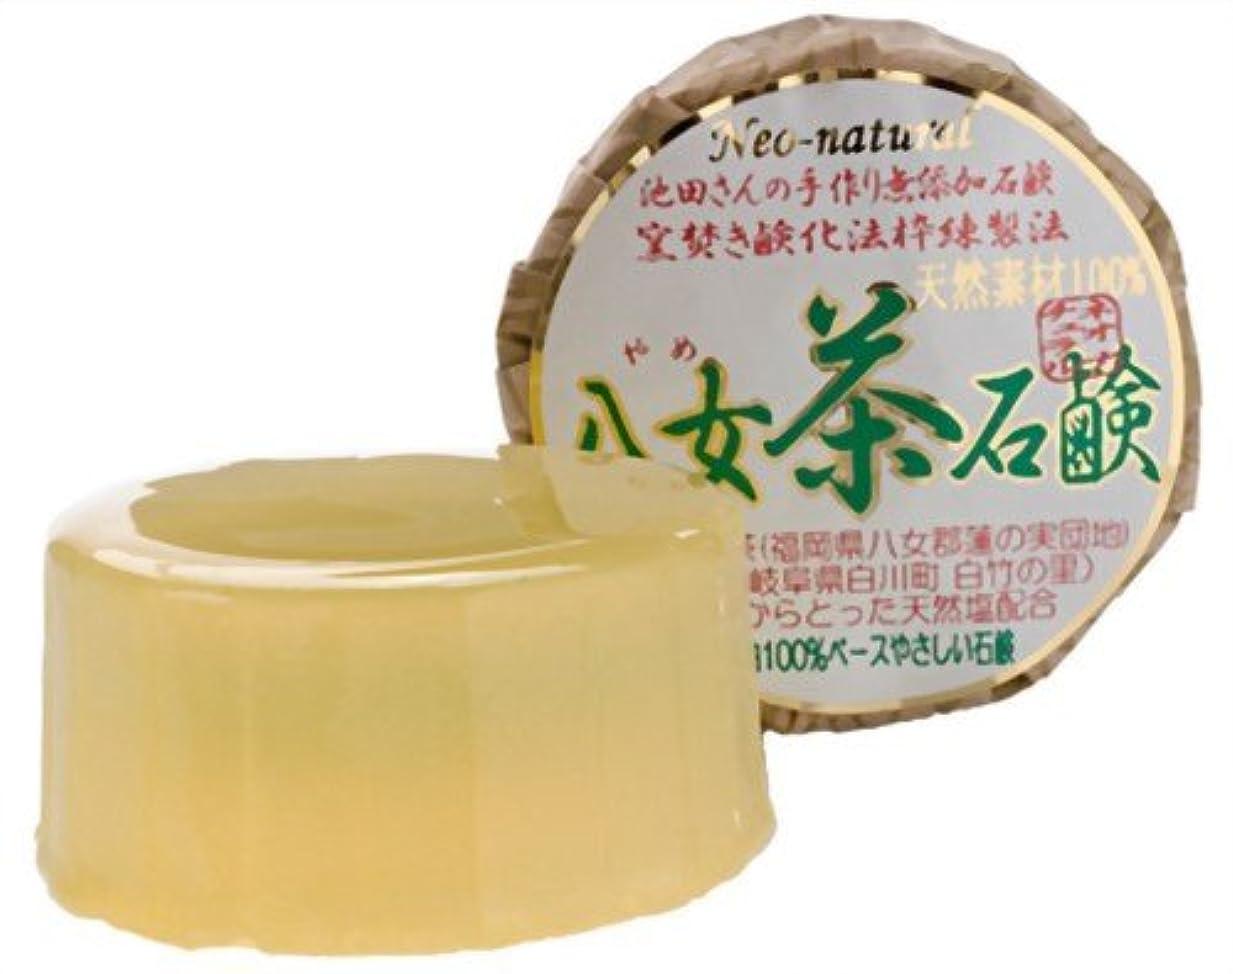 ソーダ水コカインプログレッシブネオナチュラル 池田さんの八女茶石鹸 80g